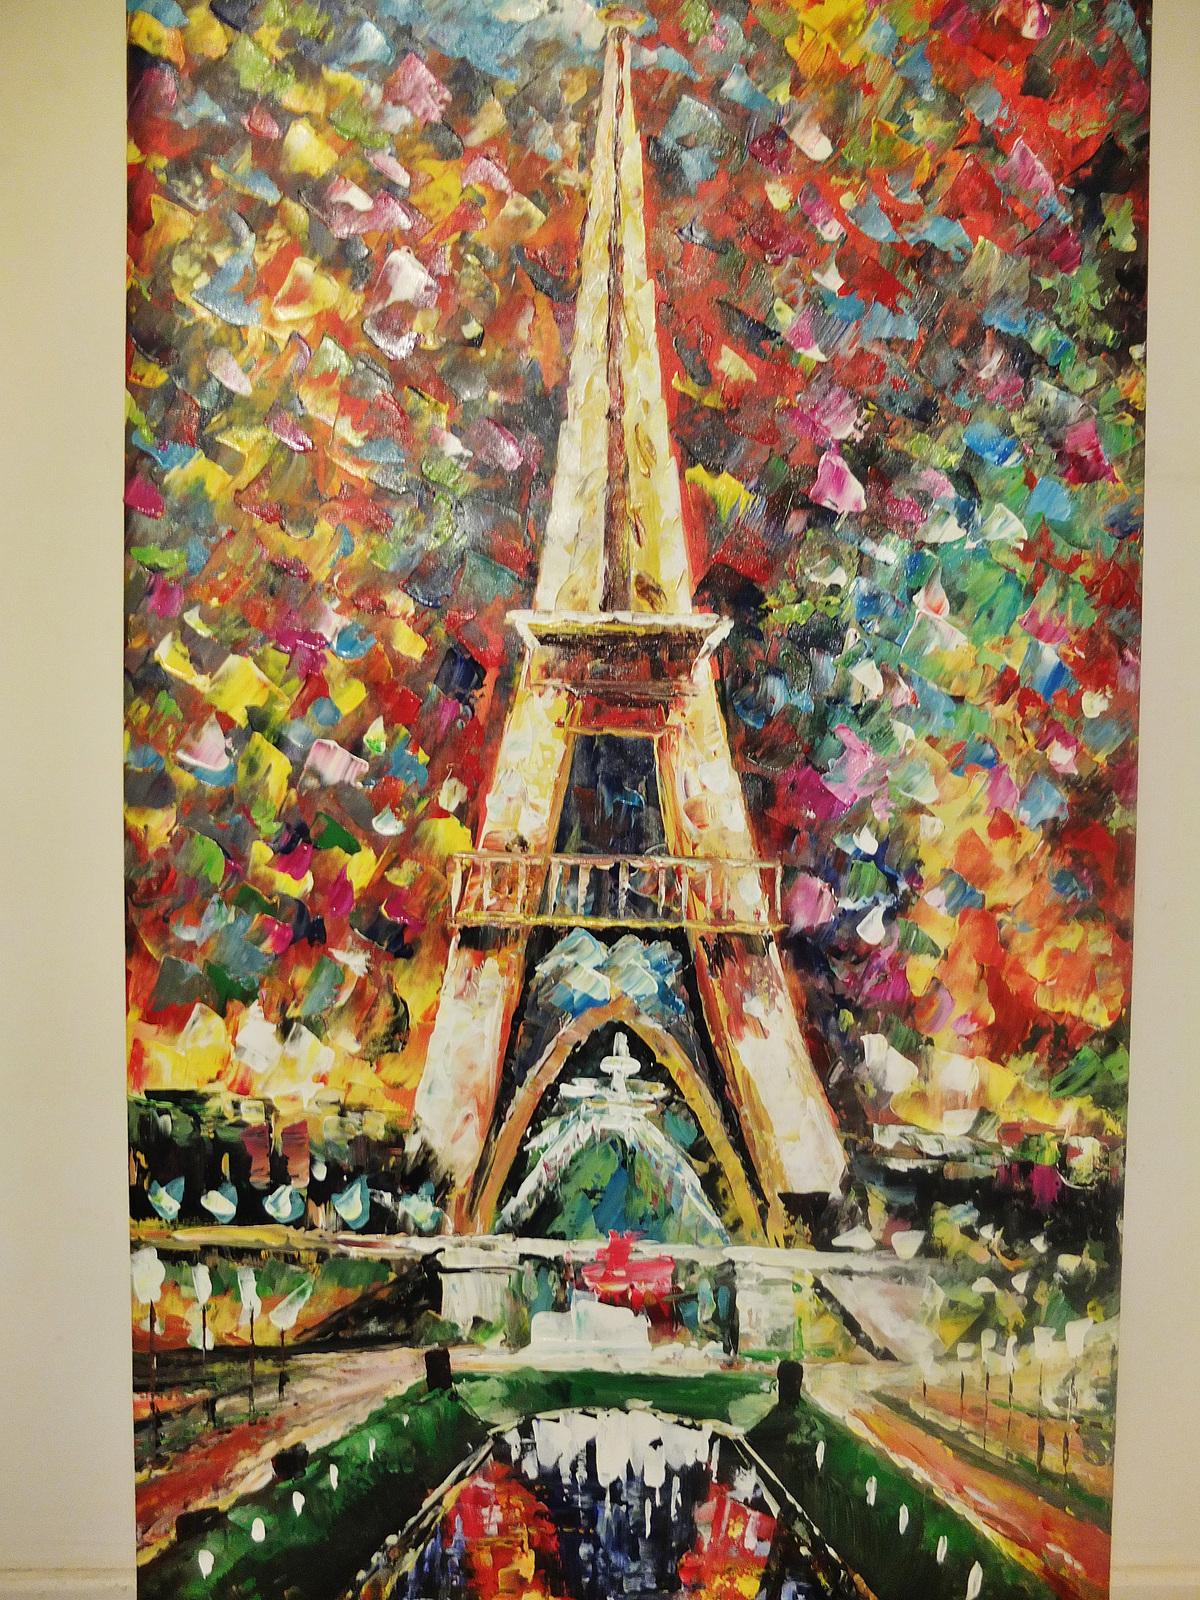 Peintures, Tableau peinture à l'huile Tour Eiffel, Page 1472, Art Moderne et Contemporain